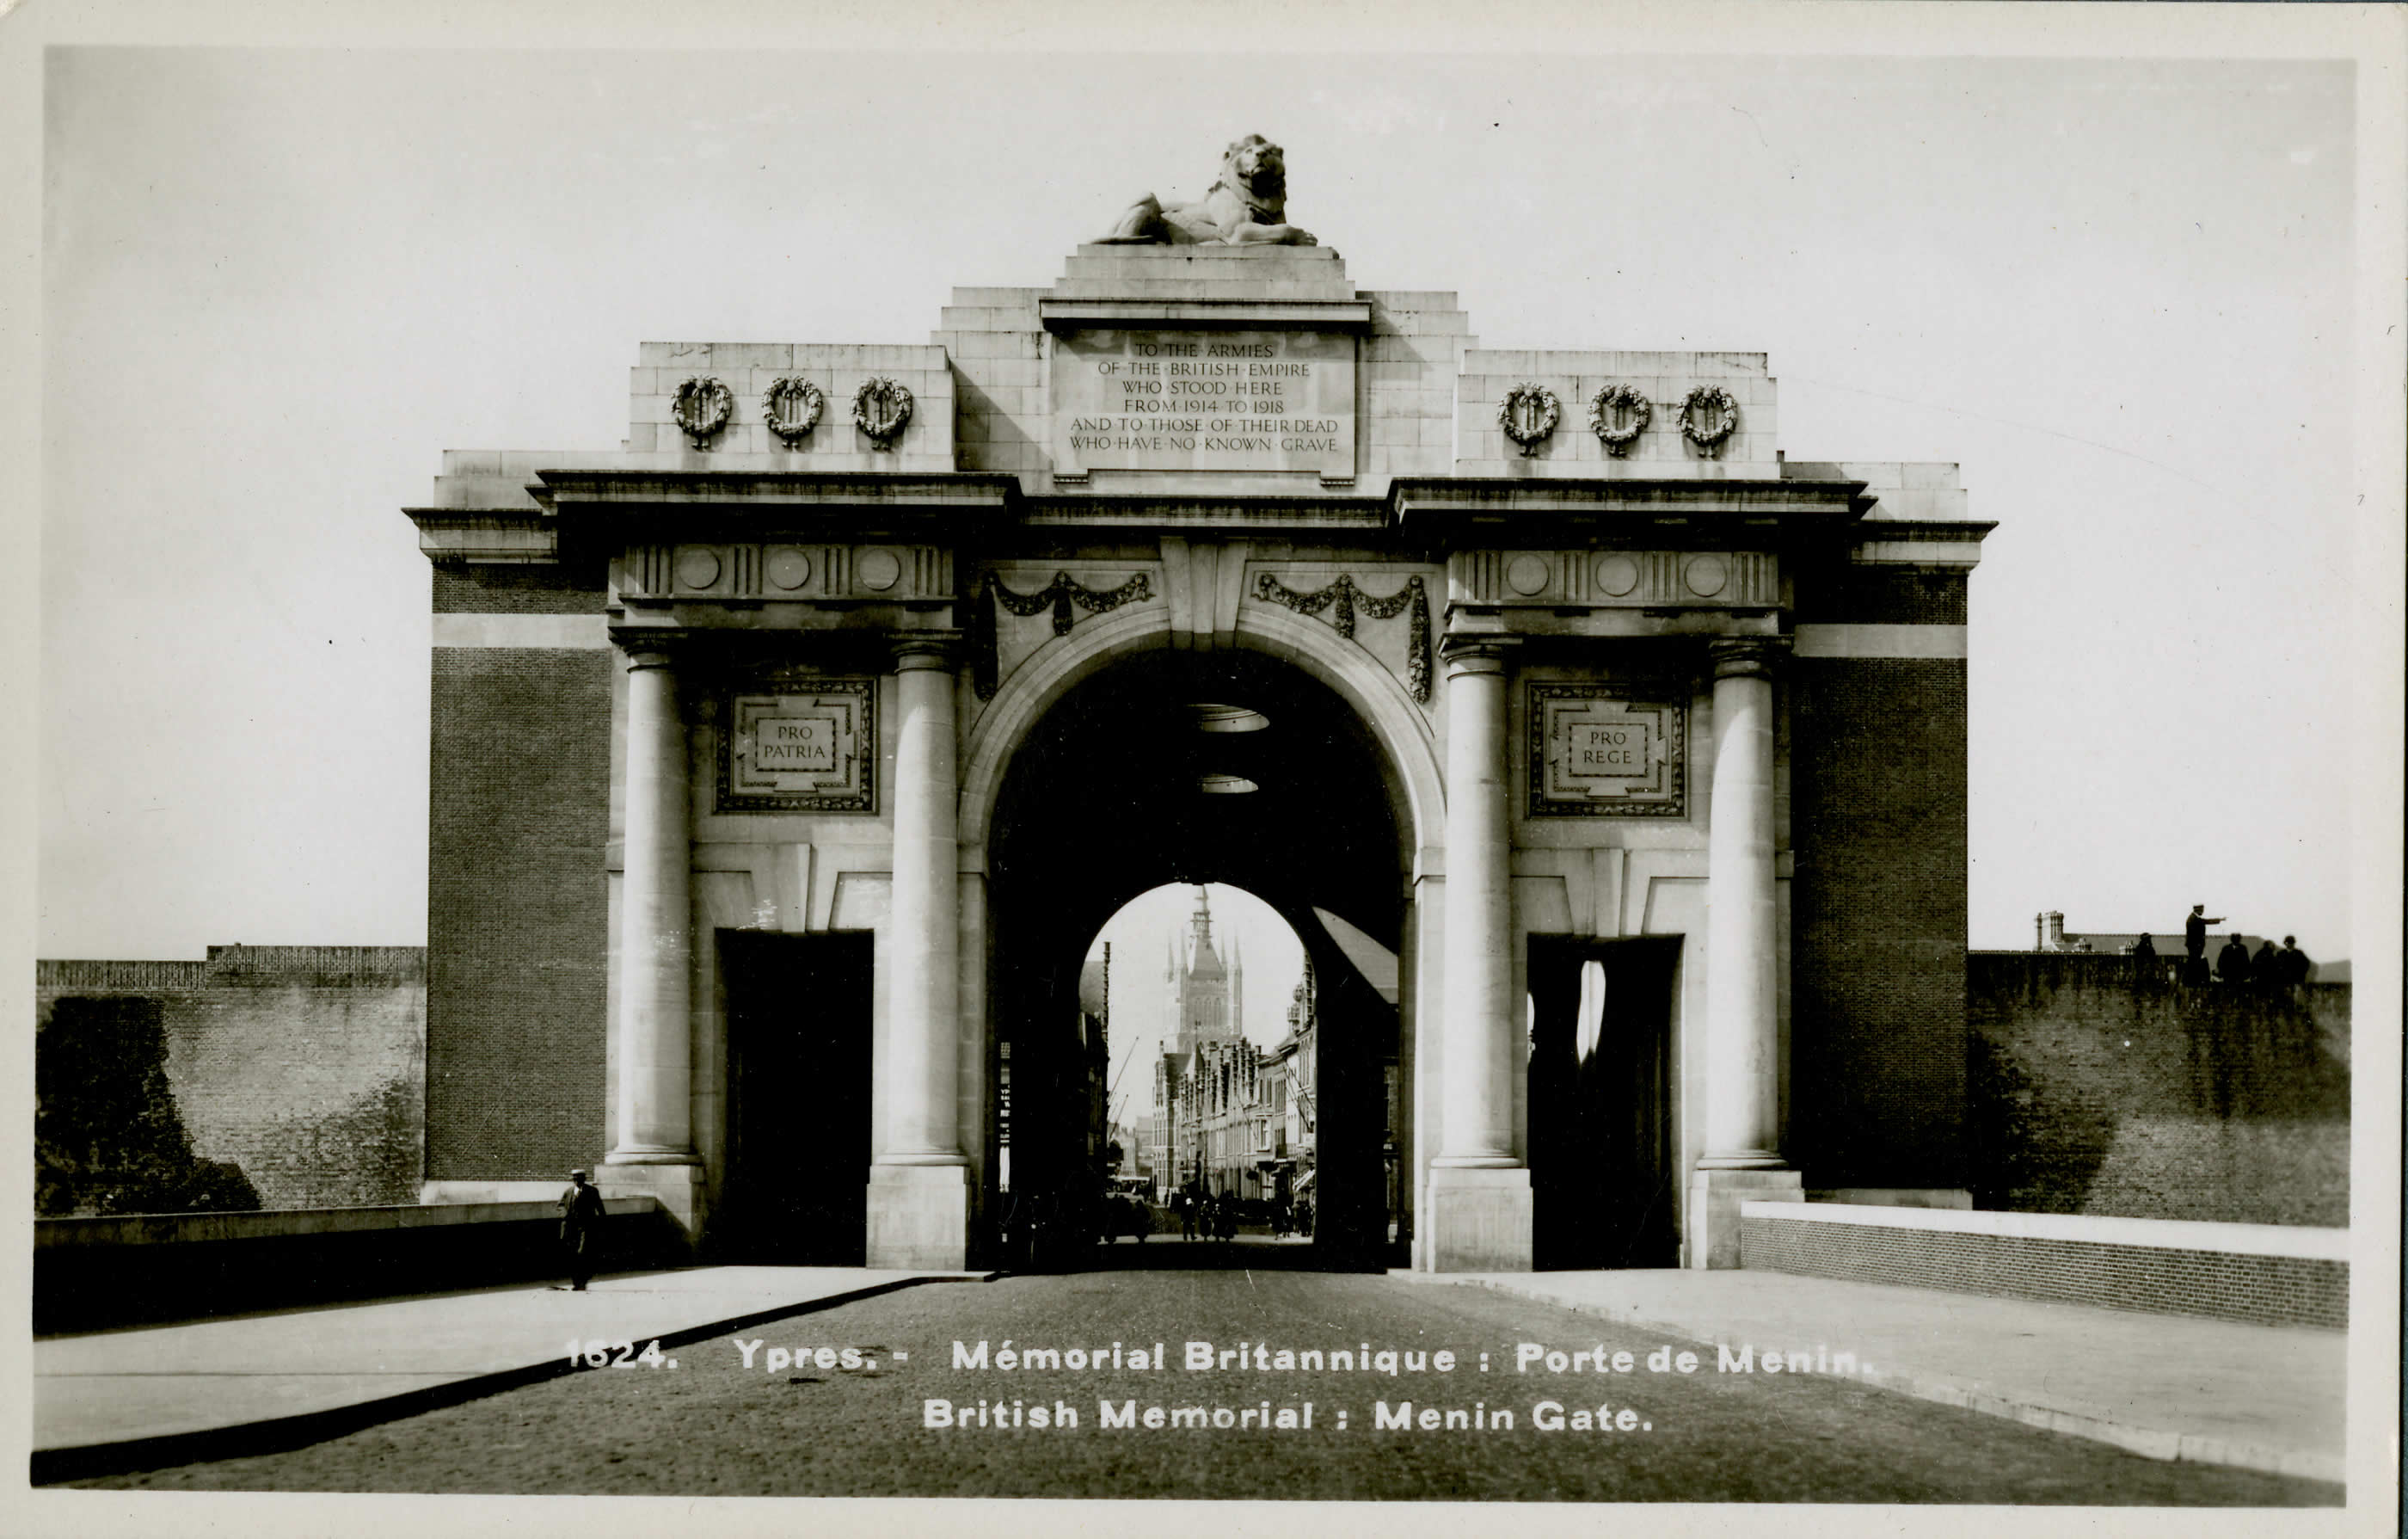 Menin Gate